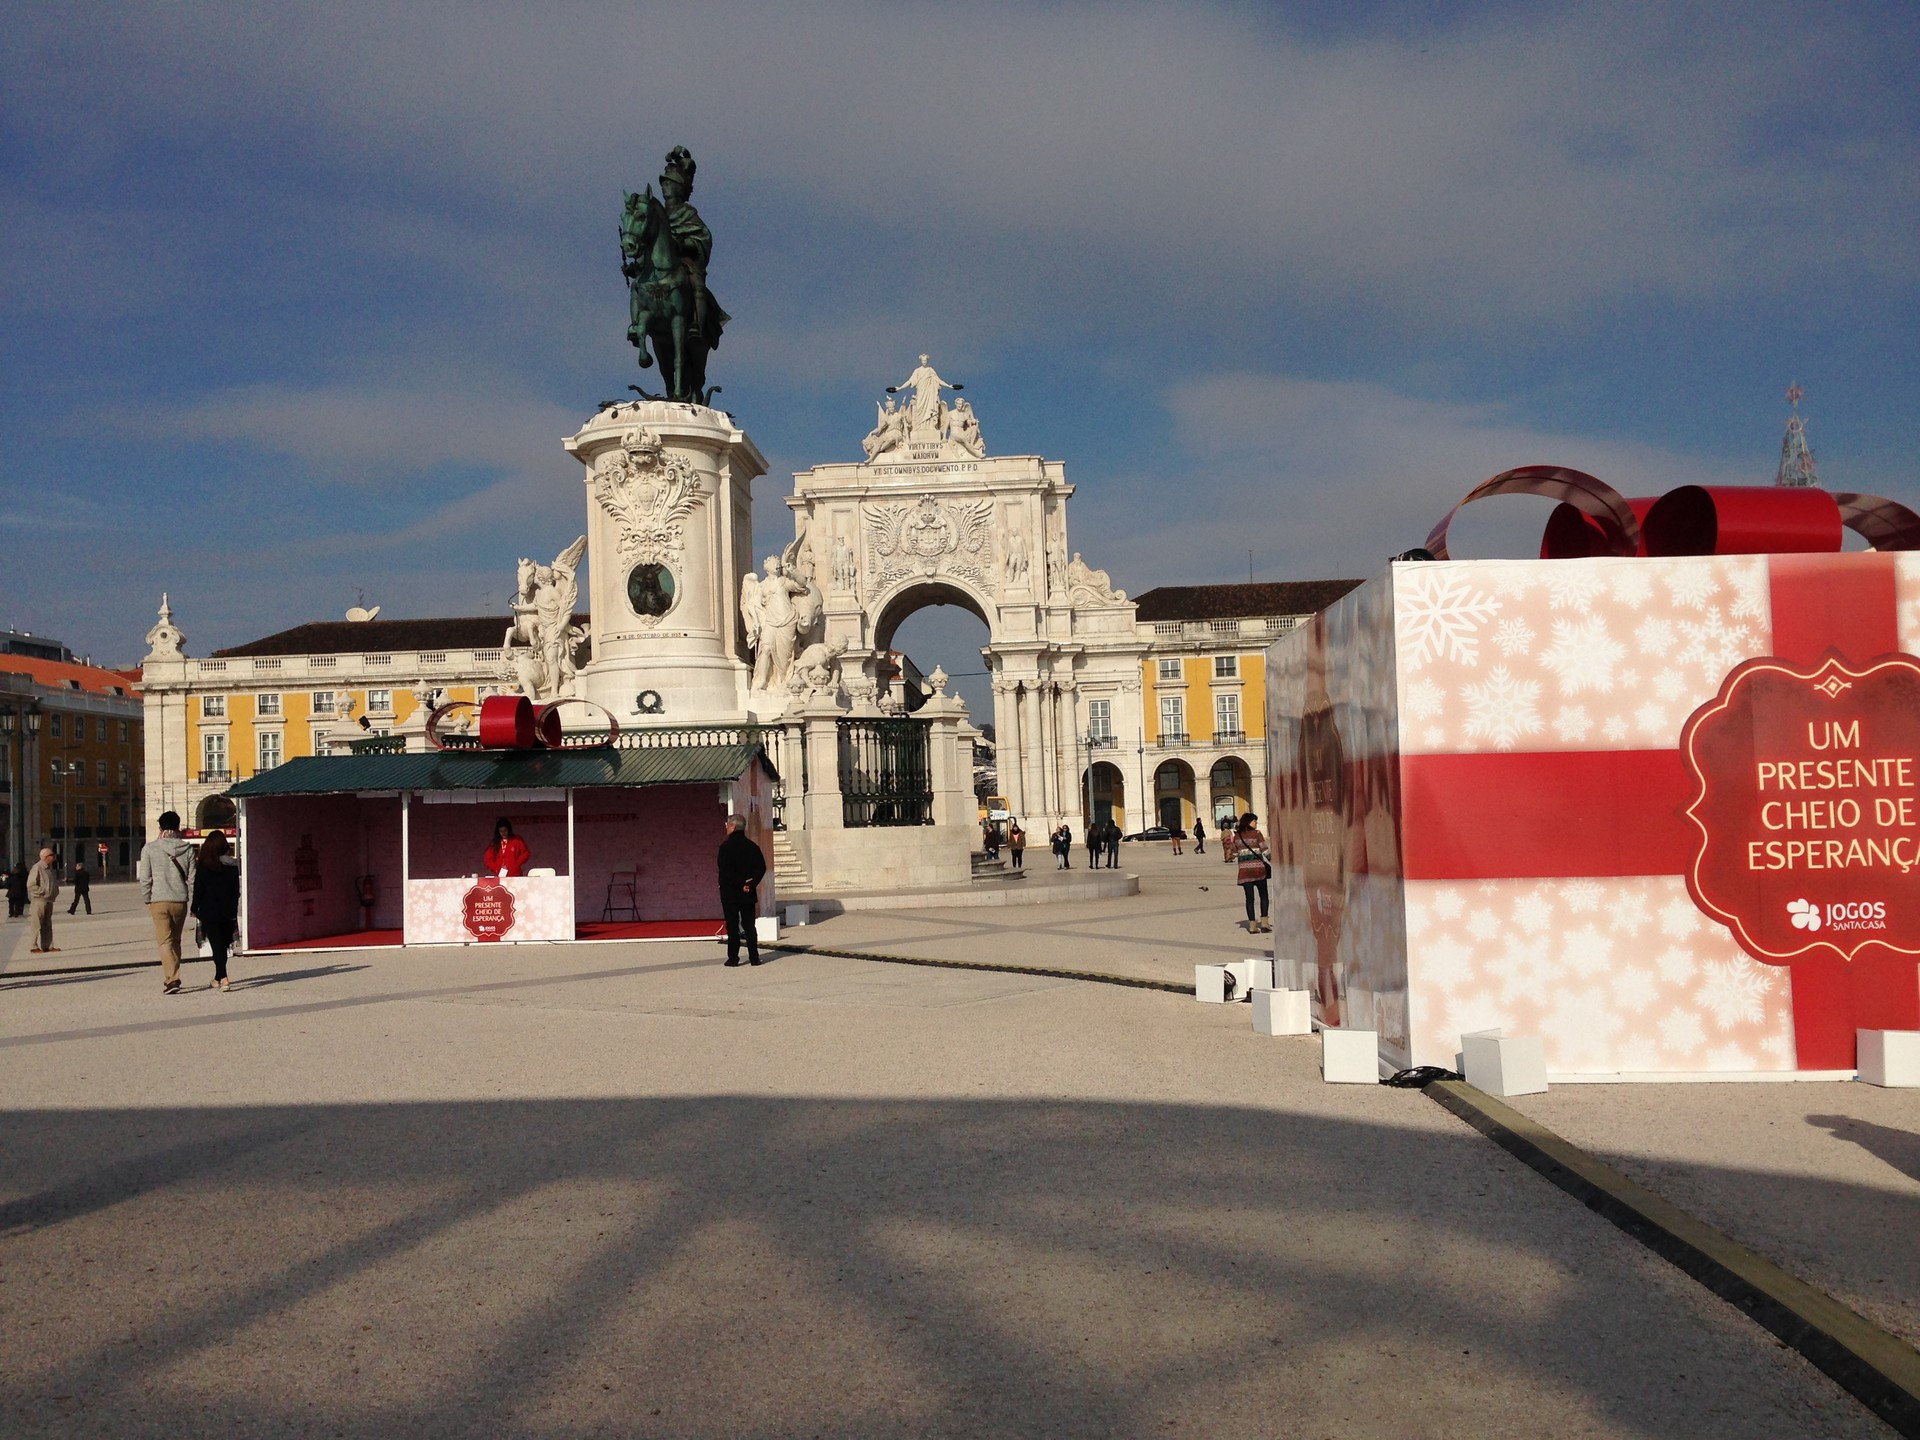 lisbonz-dintorni-piazza-commercio-771429